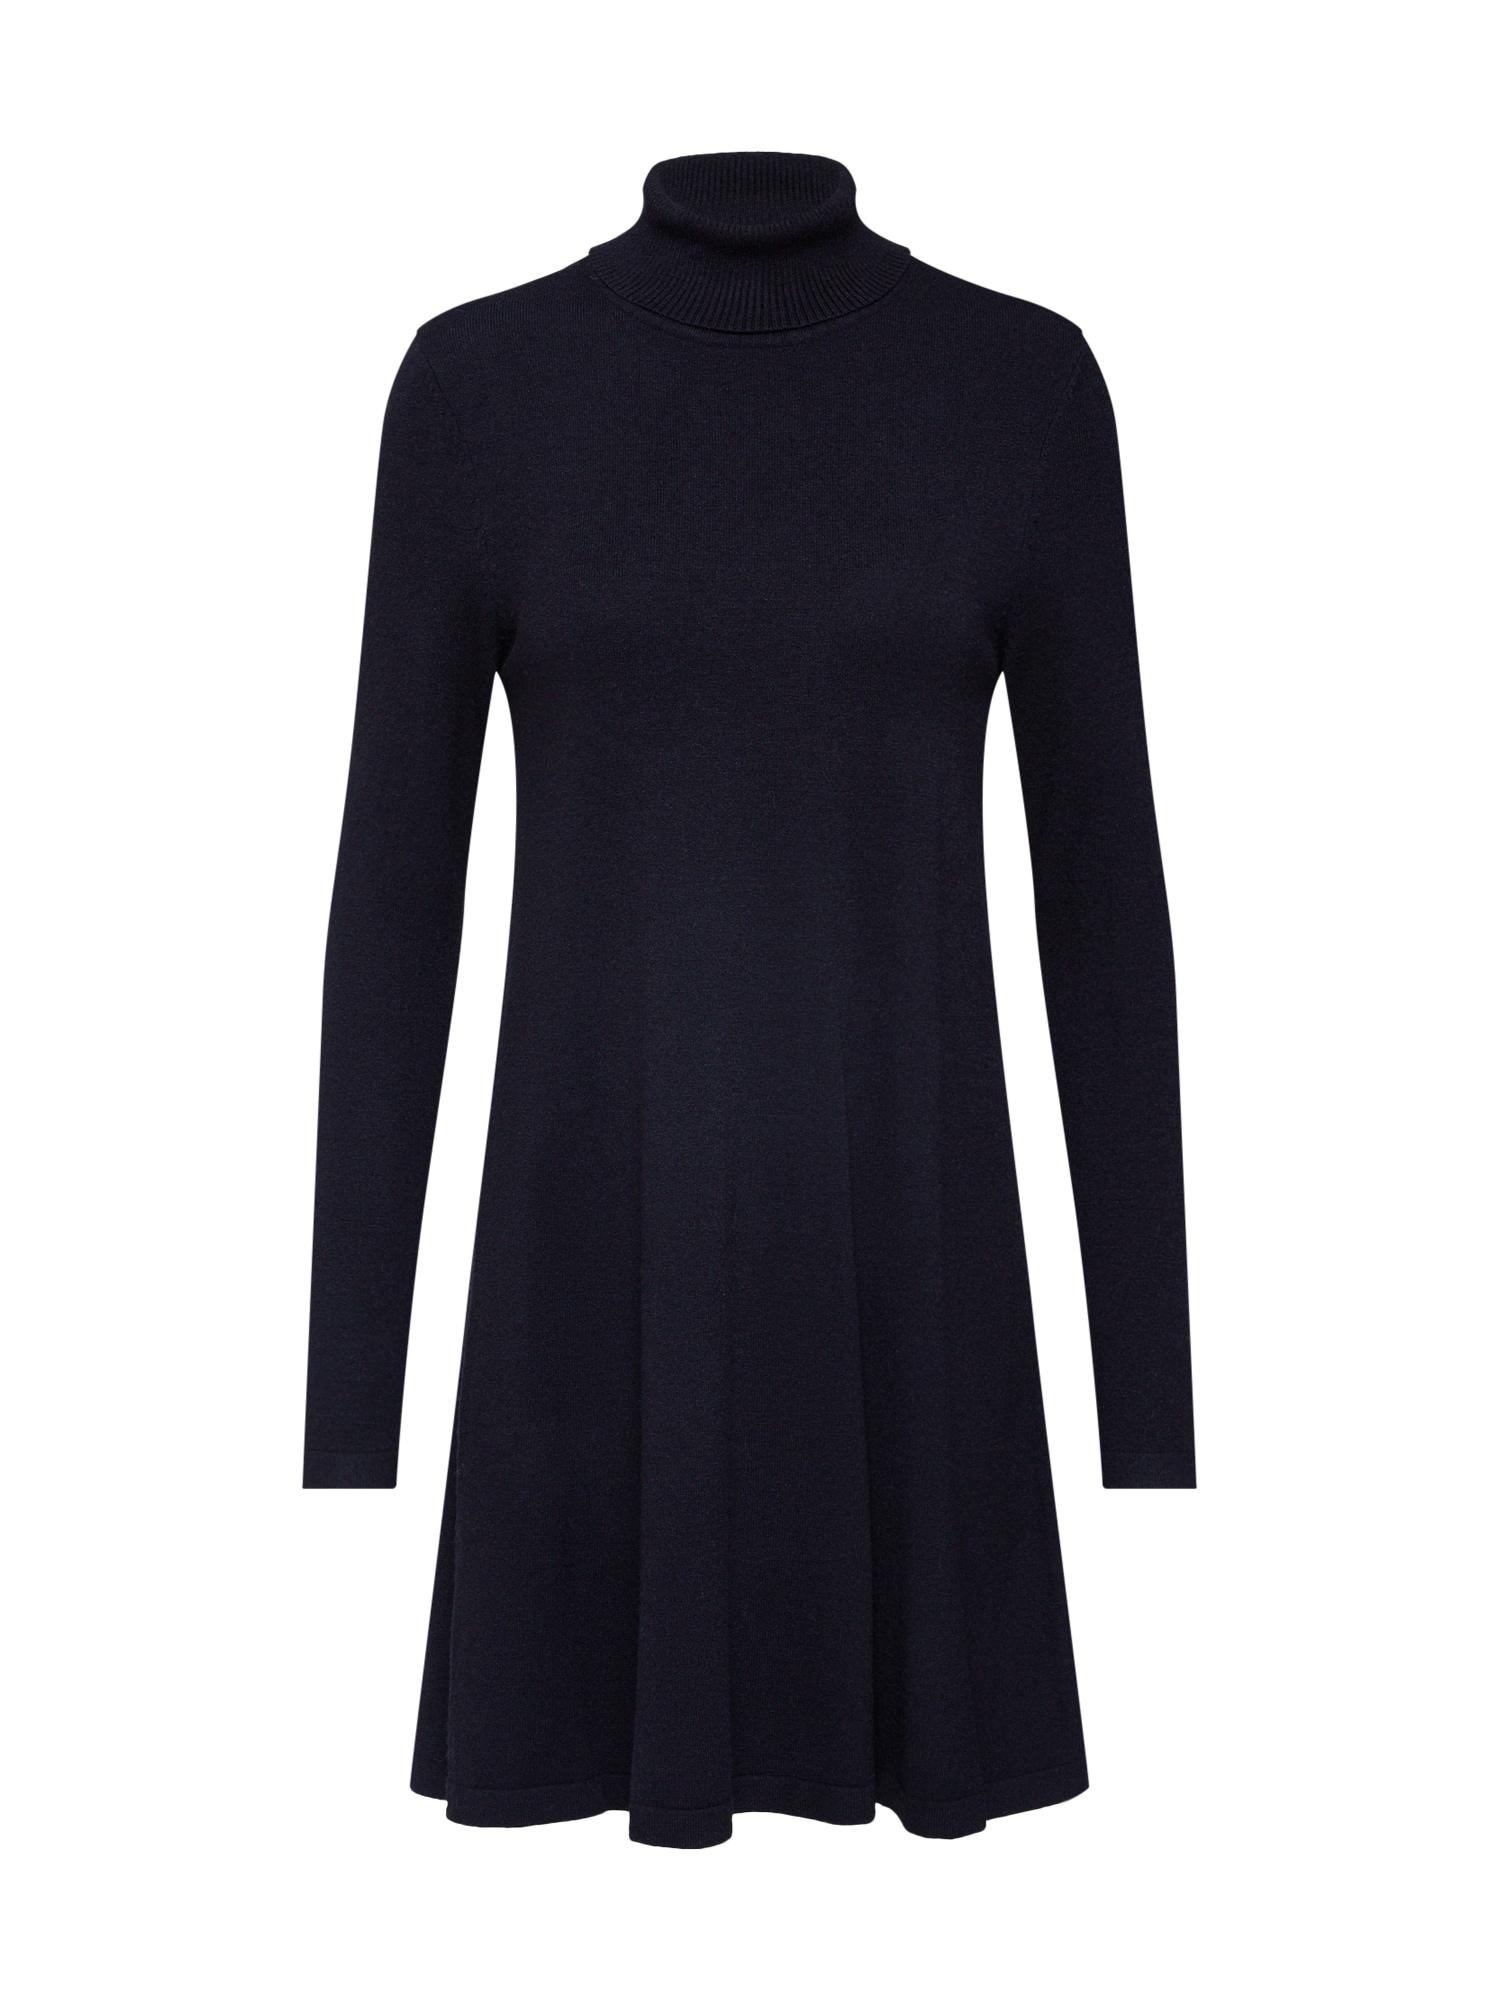 VERO MODA Pletené šaty 'HAPPY'  čierna